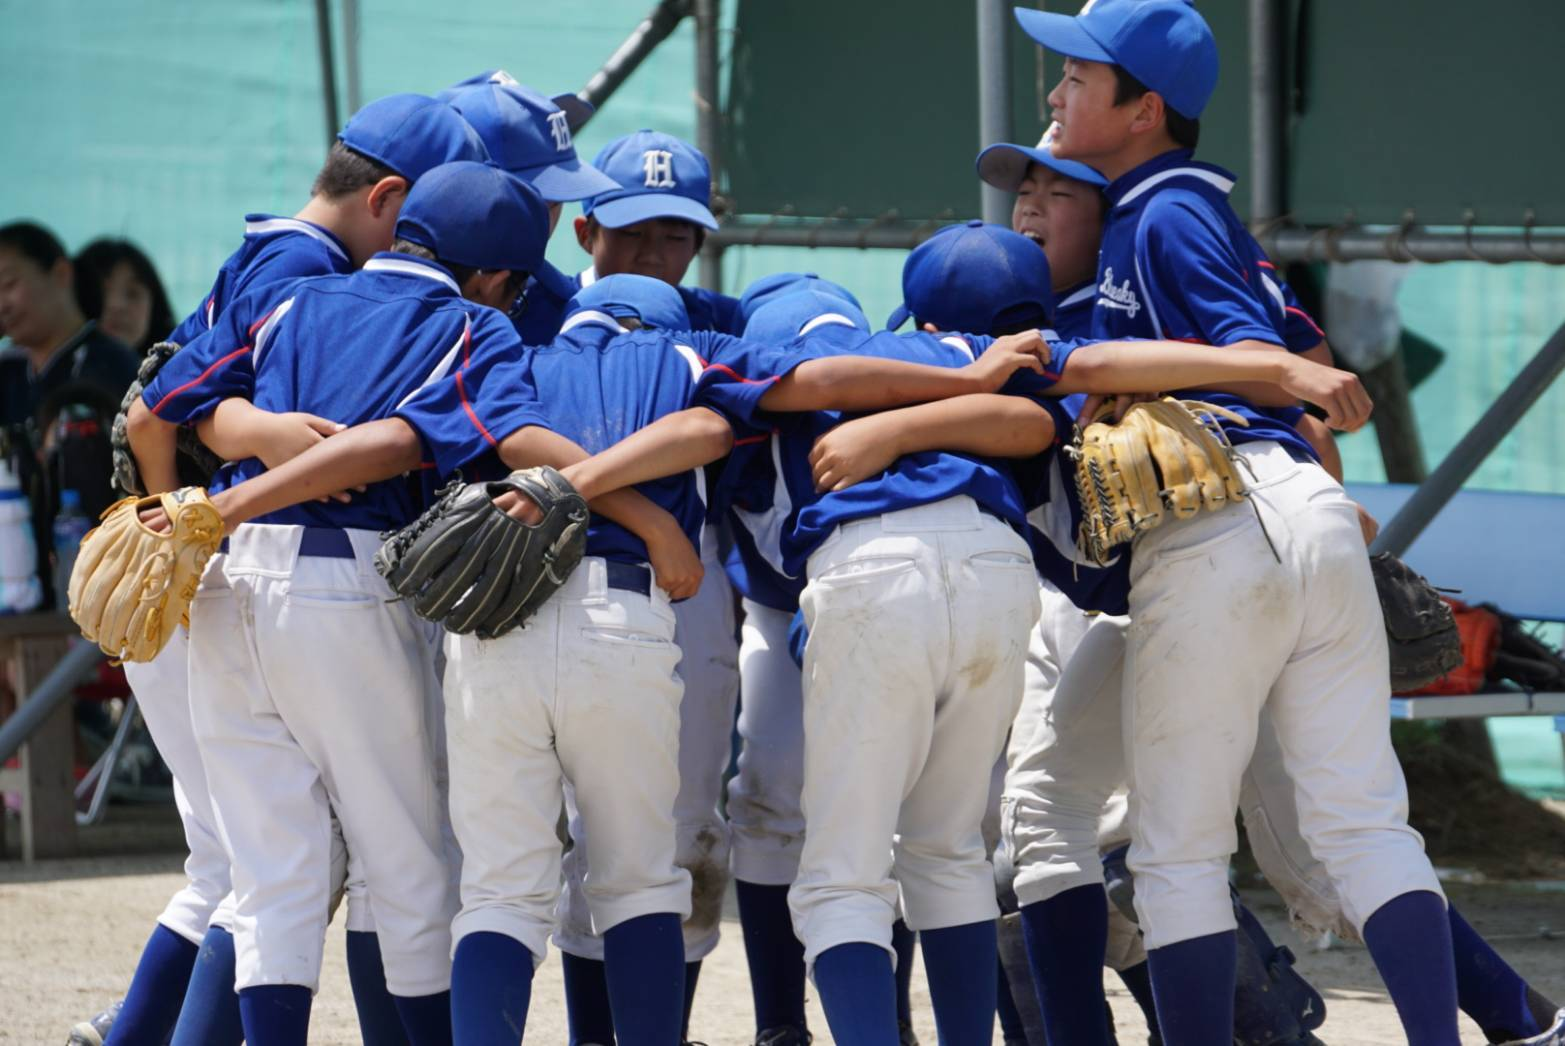 6月9日練習試合結果です!vsみつば少年野球団さん_b0095176_12234017.jpeg